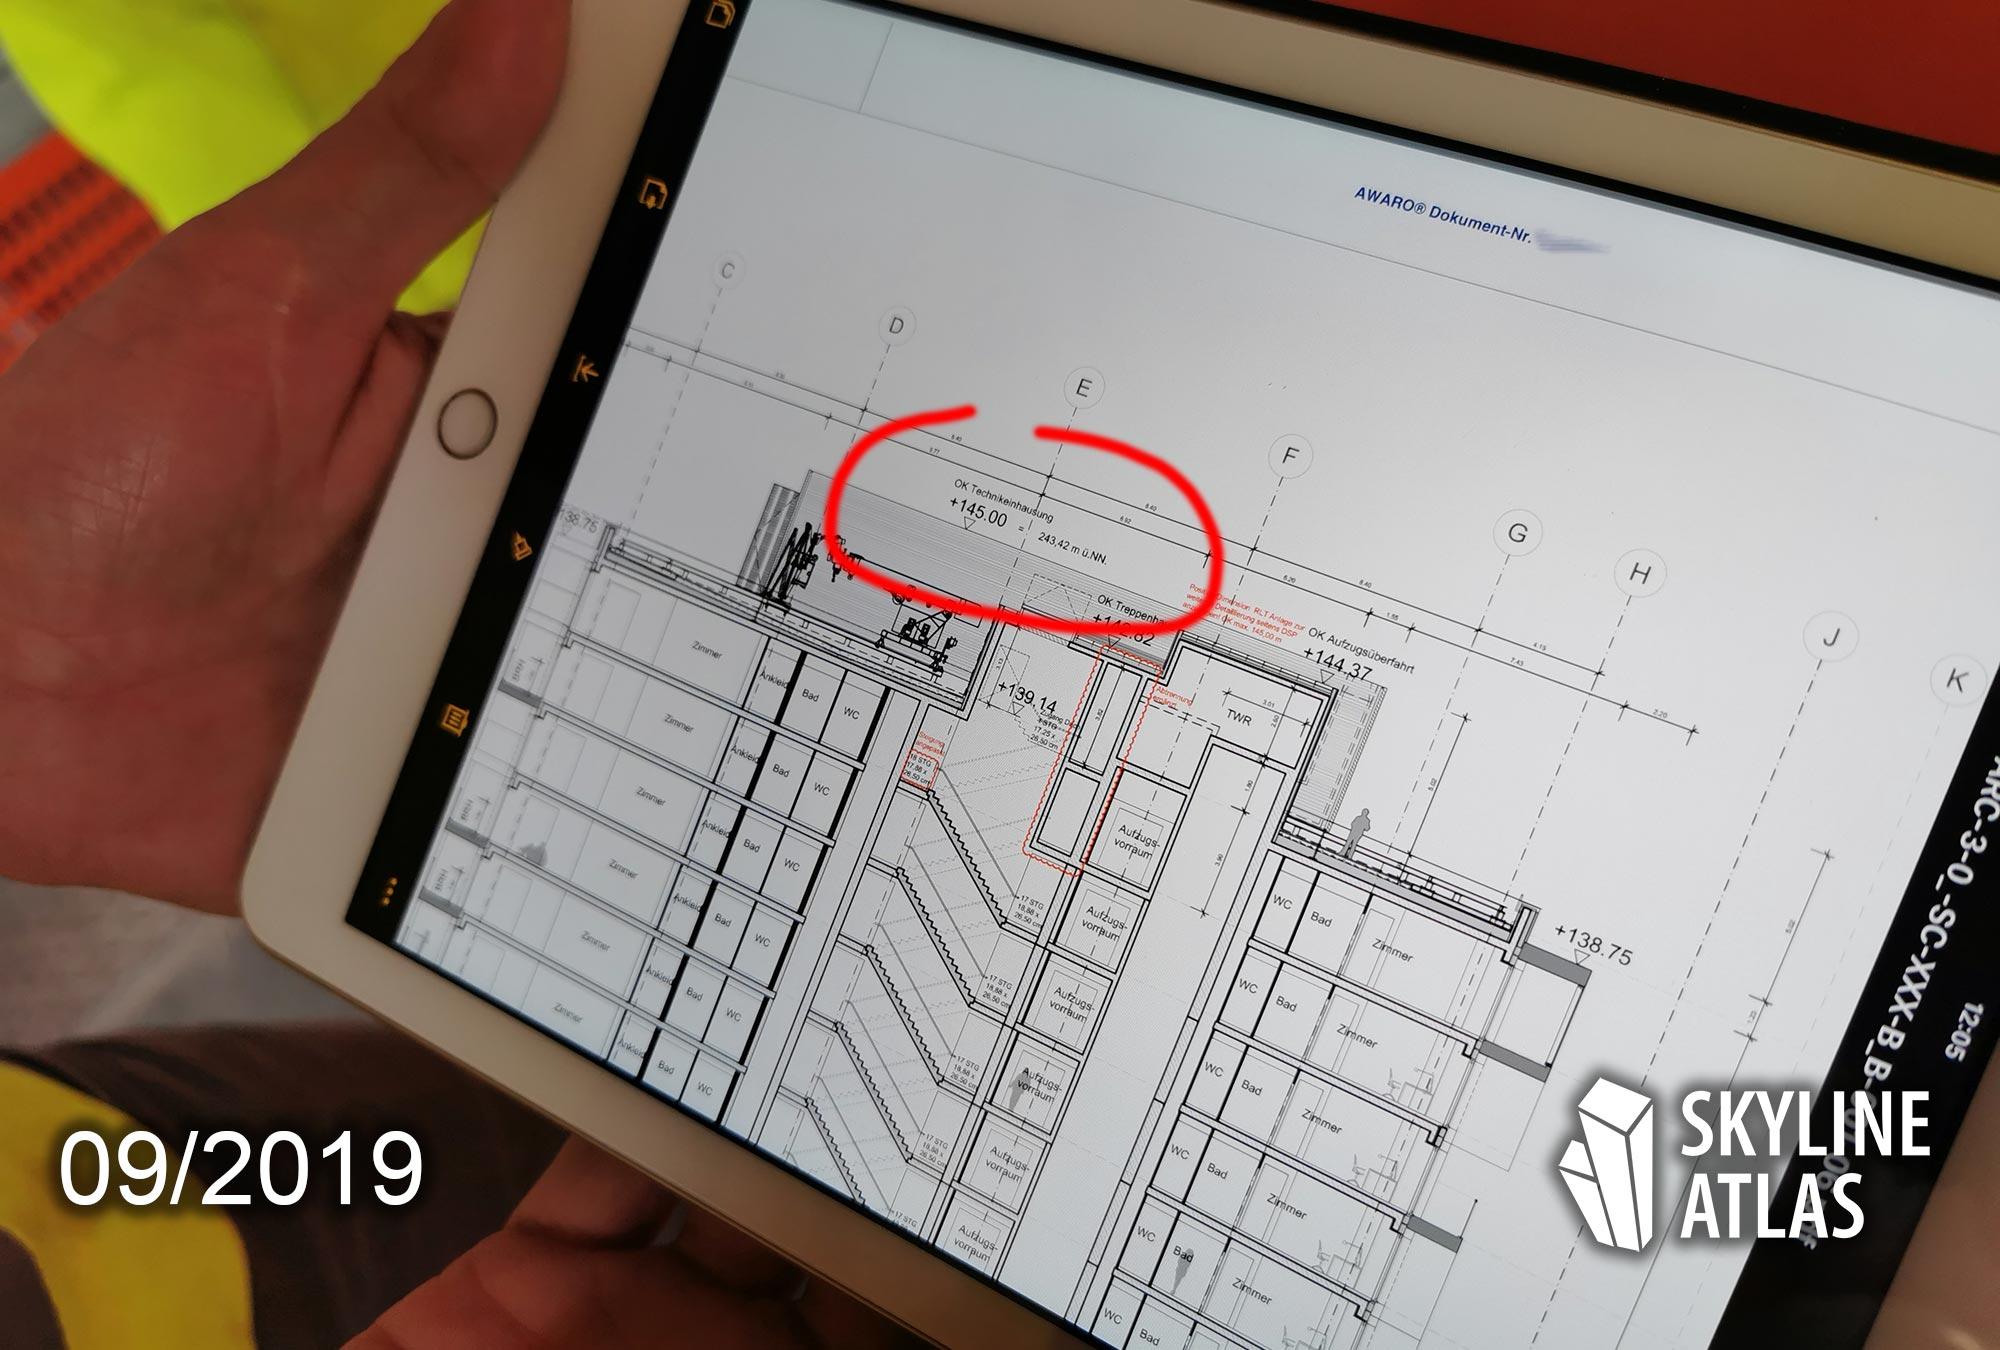 ONE FORTY WEST - Höhe - Gebäudehöhe - Schnitt - iPad - Planung - Zeichnung